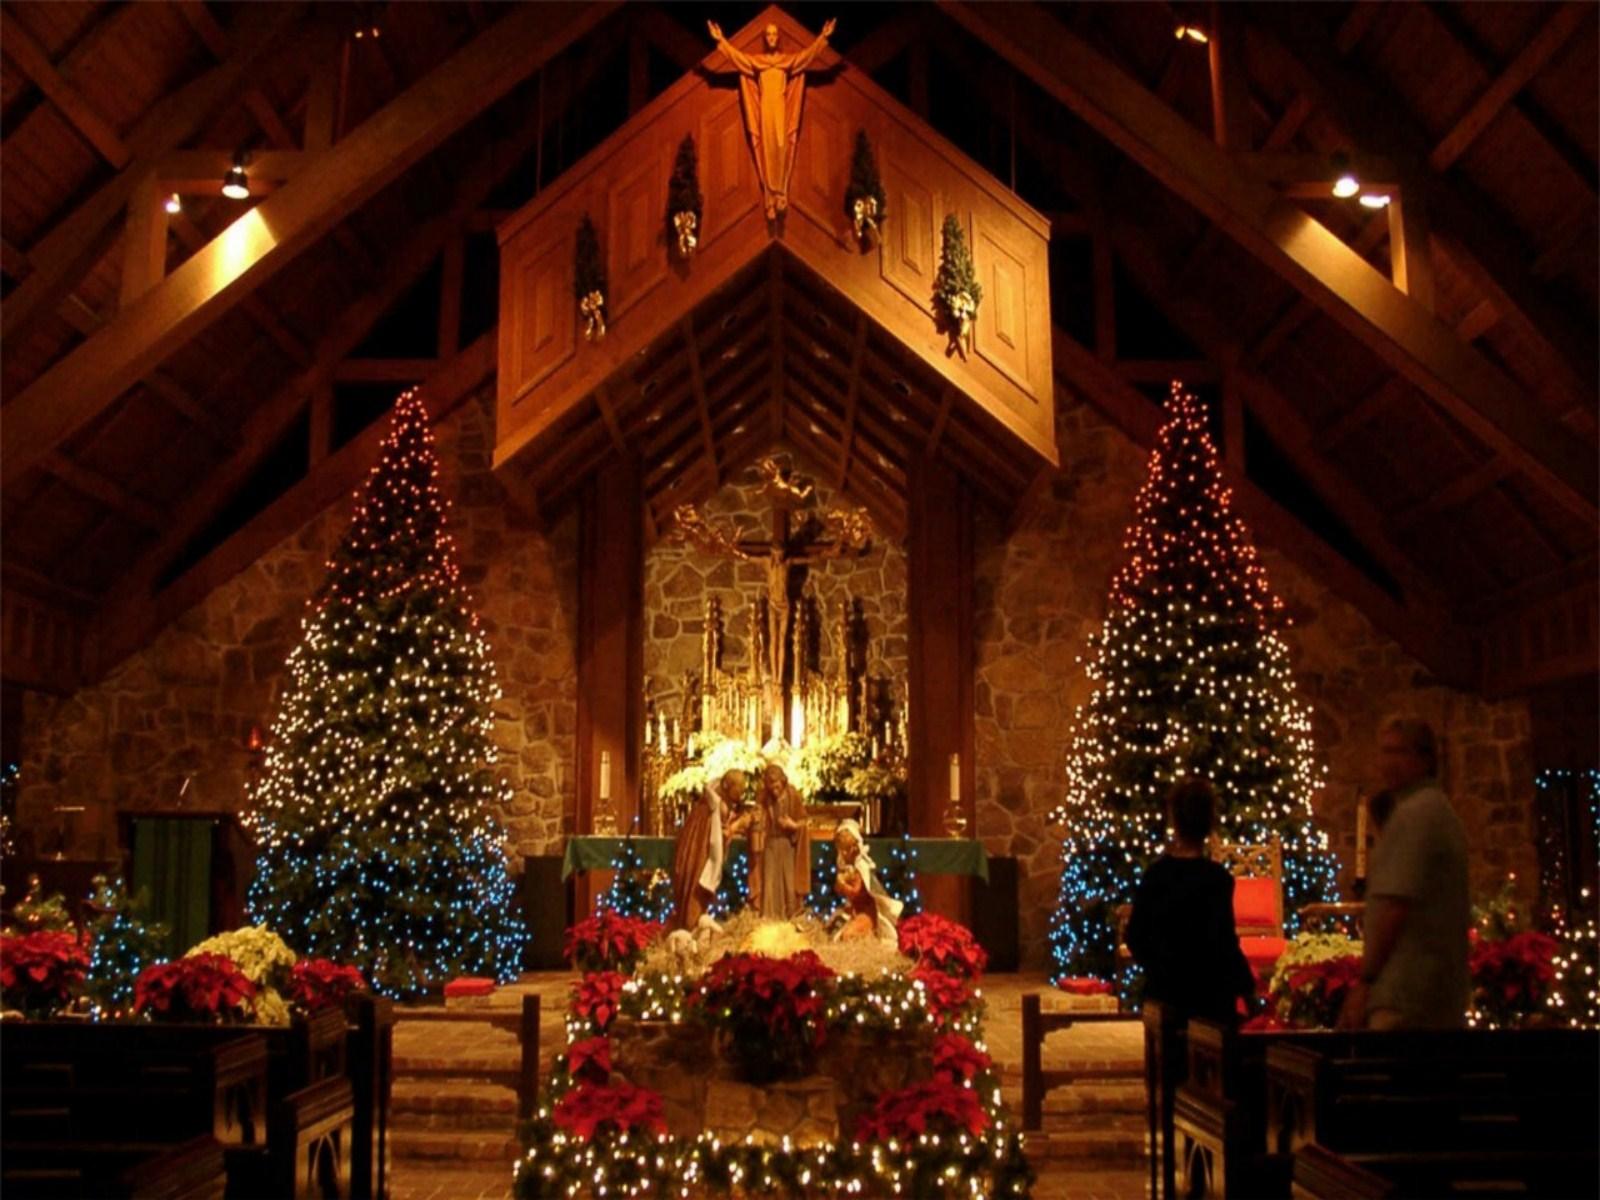 Beautiful Christmas Scenes Wallpaper - WallpaperSafari